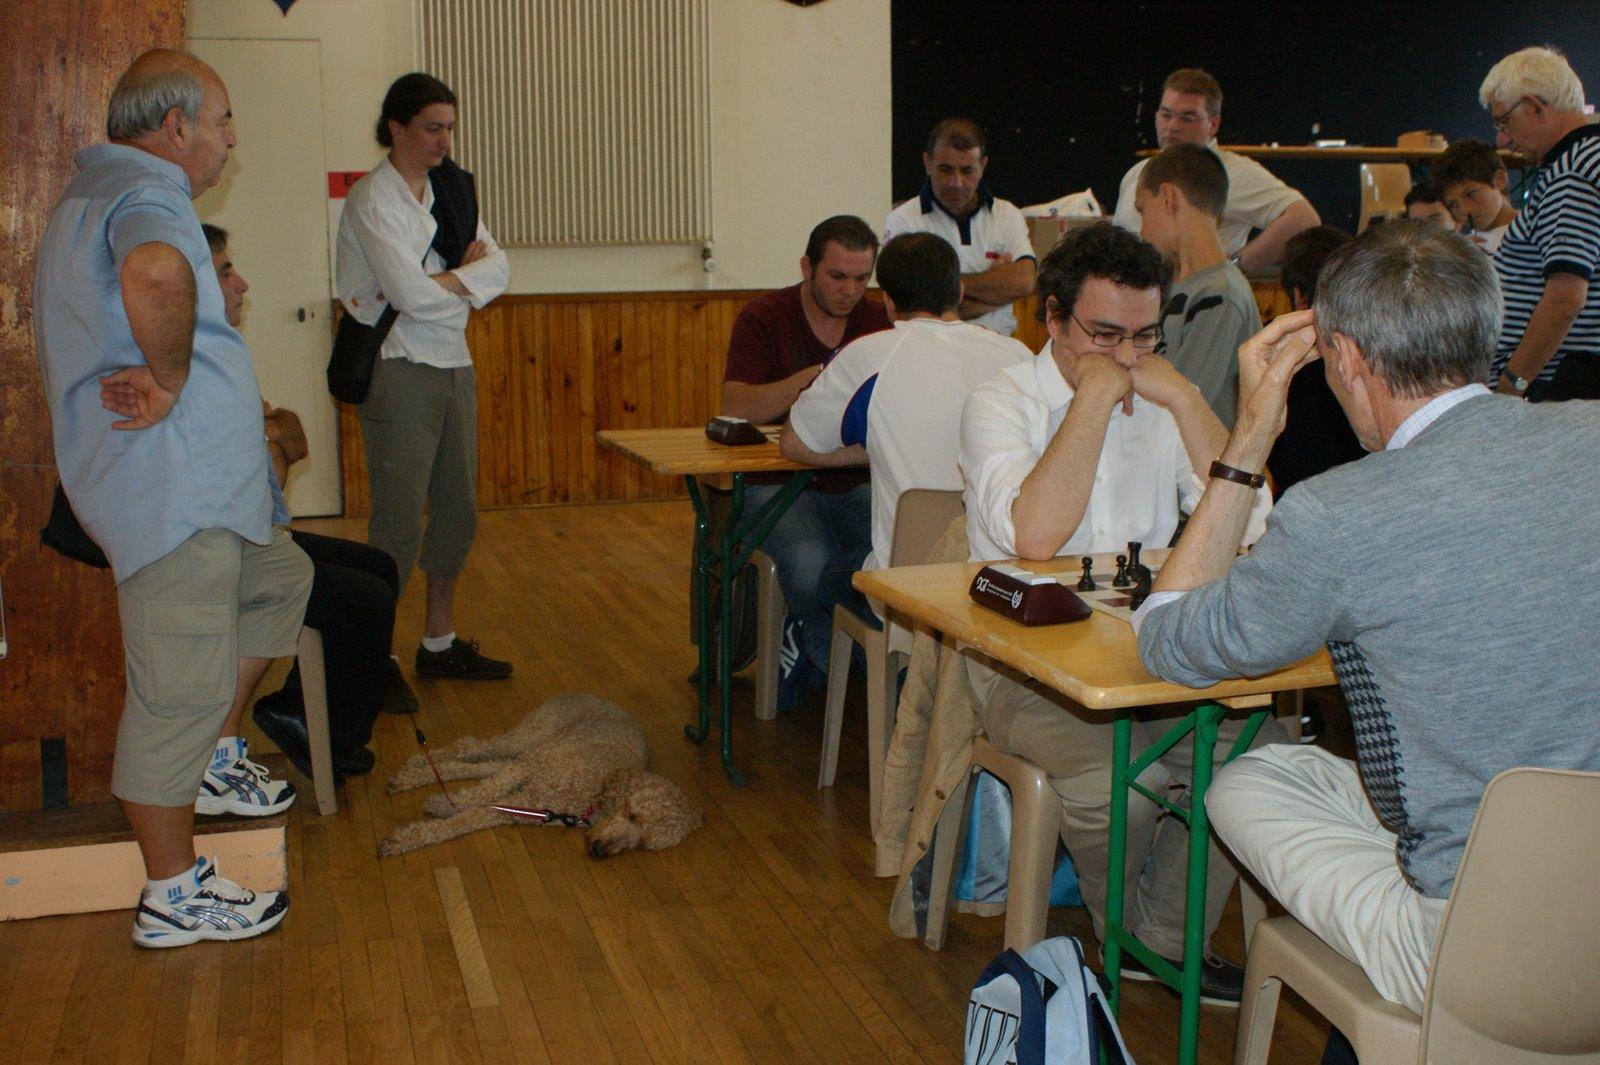 Tournoi_M_Sevalut_2009_-21.jpg